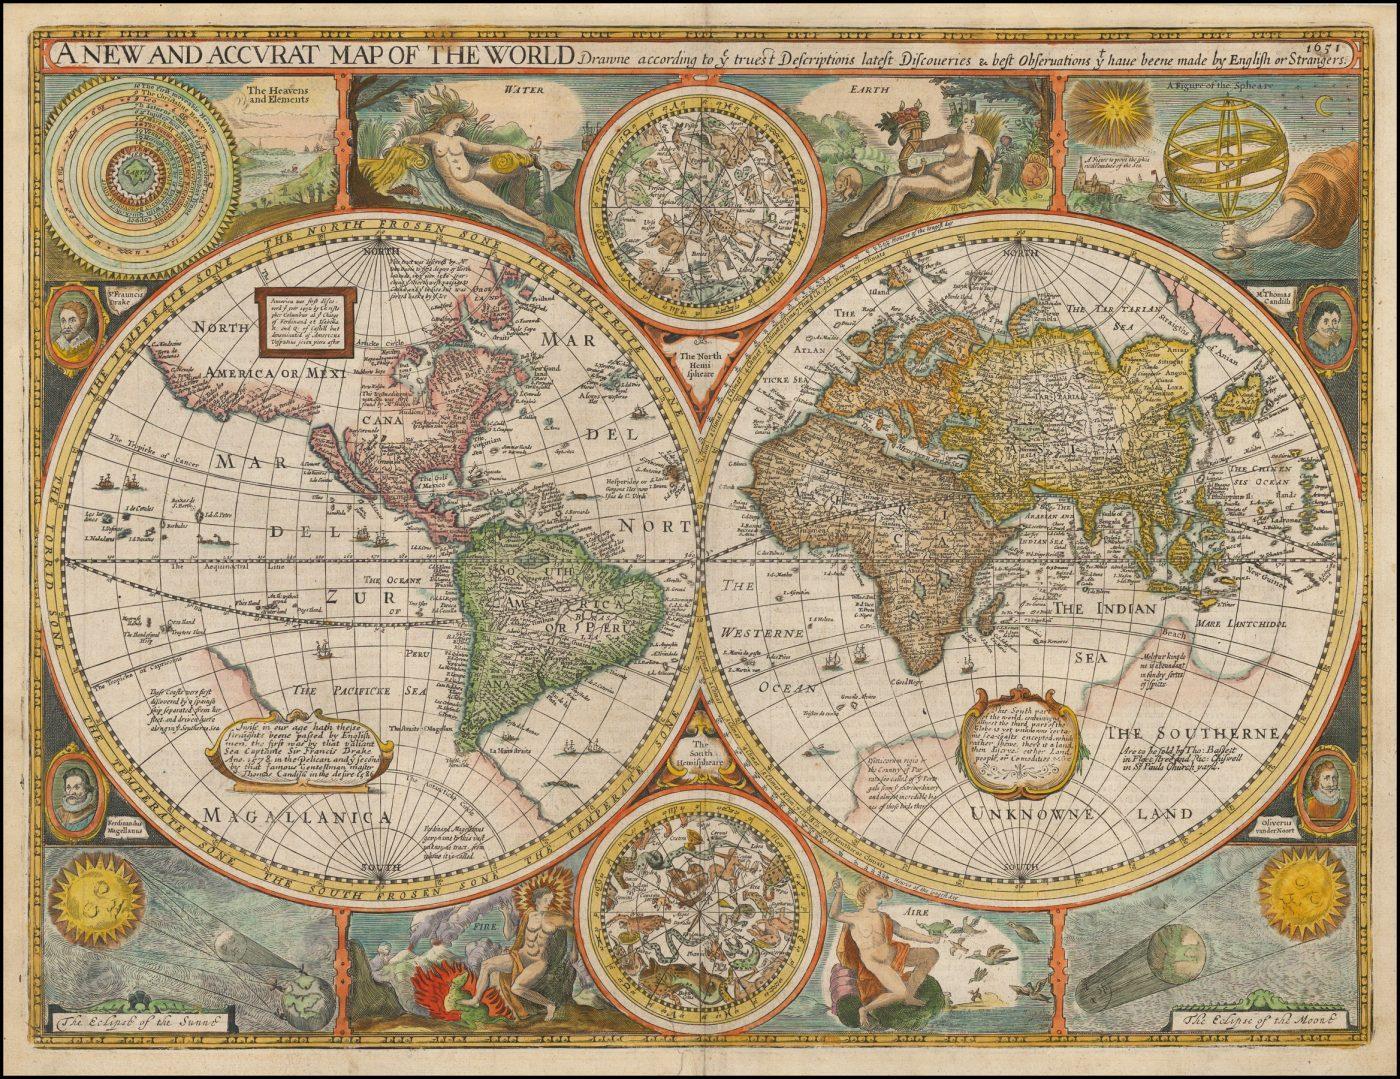 Знаменитая карта мира Джона Спида